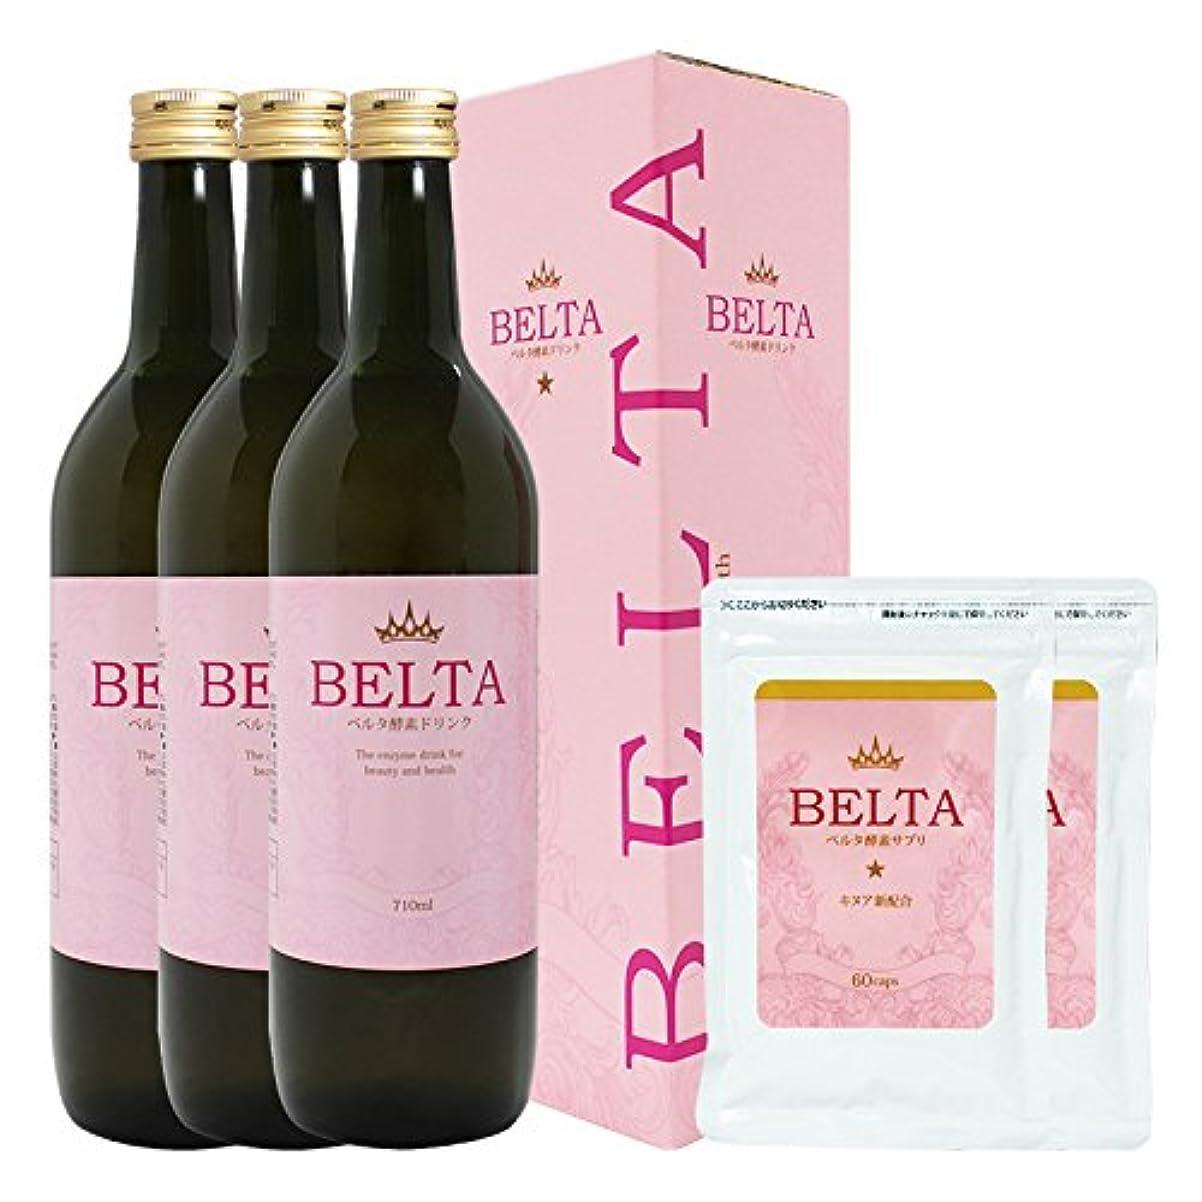 ストレンジャーカフェ中断BELTA ベルタ酵素ドリンク 即ダイエットパック(ベルタ酵素ドリンク (710ml) 3本 ベルタ酵素サプリメント(60粒) 2袋) 置き換え ダイエット ファスティング 断食 すっきり飲みやすいピーチ味